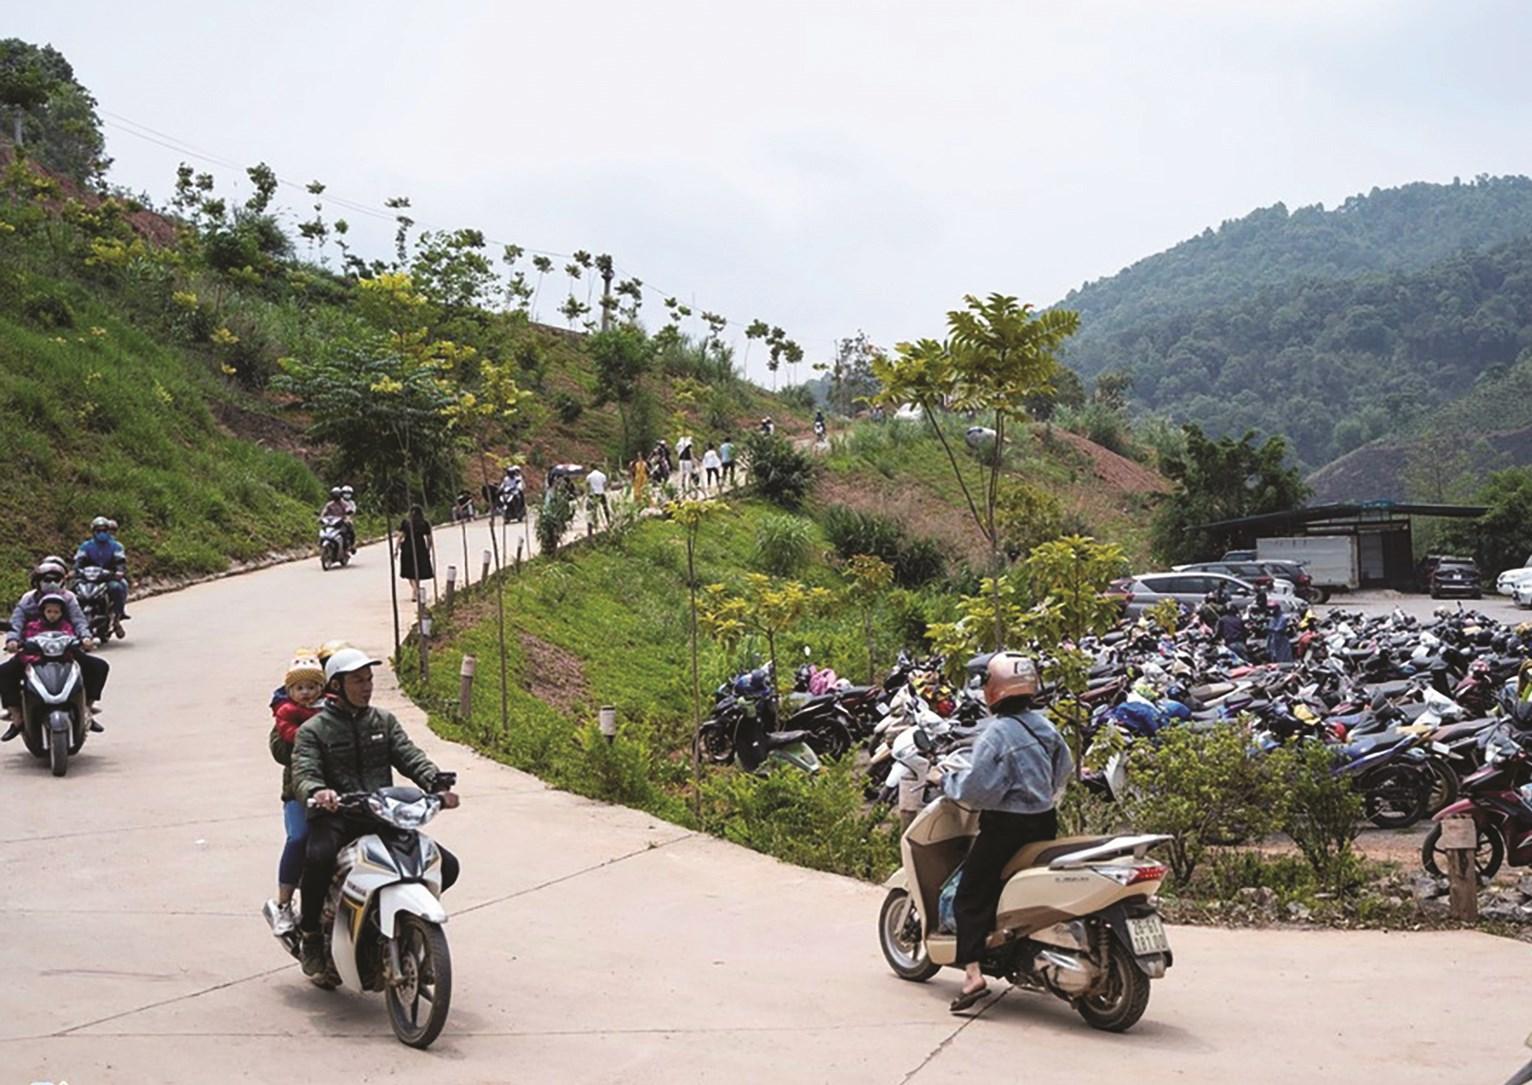 Hoạt động du lịch tại huyện Mộc Châu, tỉnh Sơn La đón những lượng khách đầu tiên sau thời gian dài dừng hoạt động. (Ảnh tư liệu)